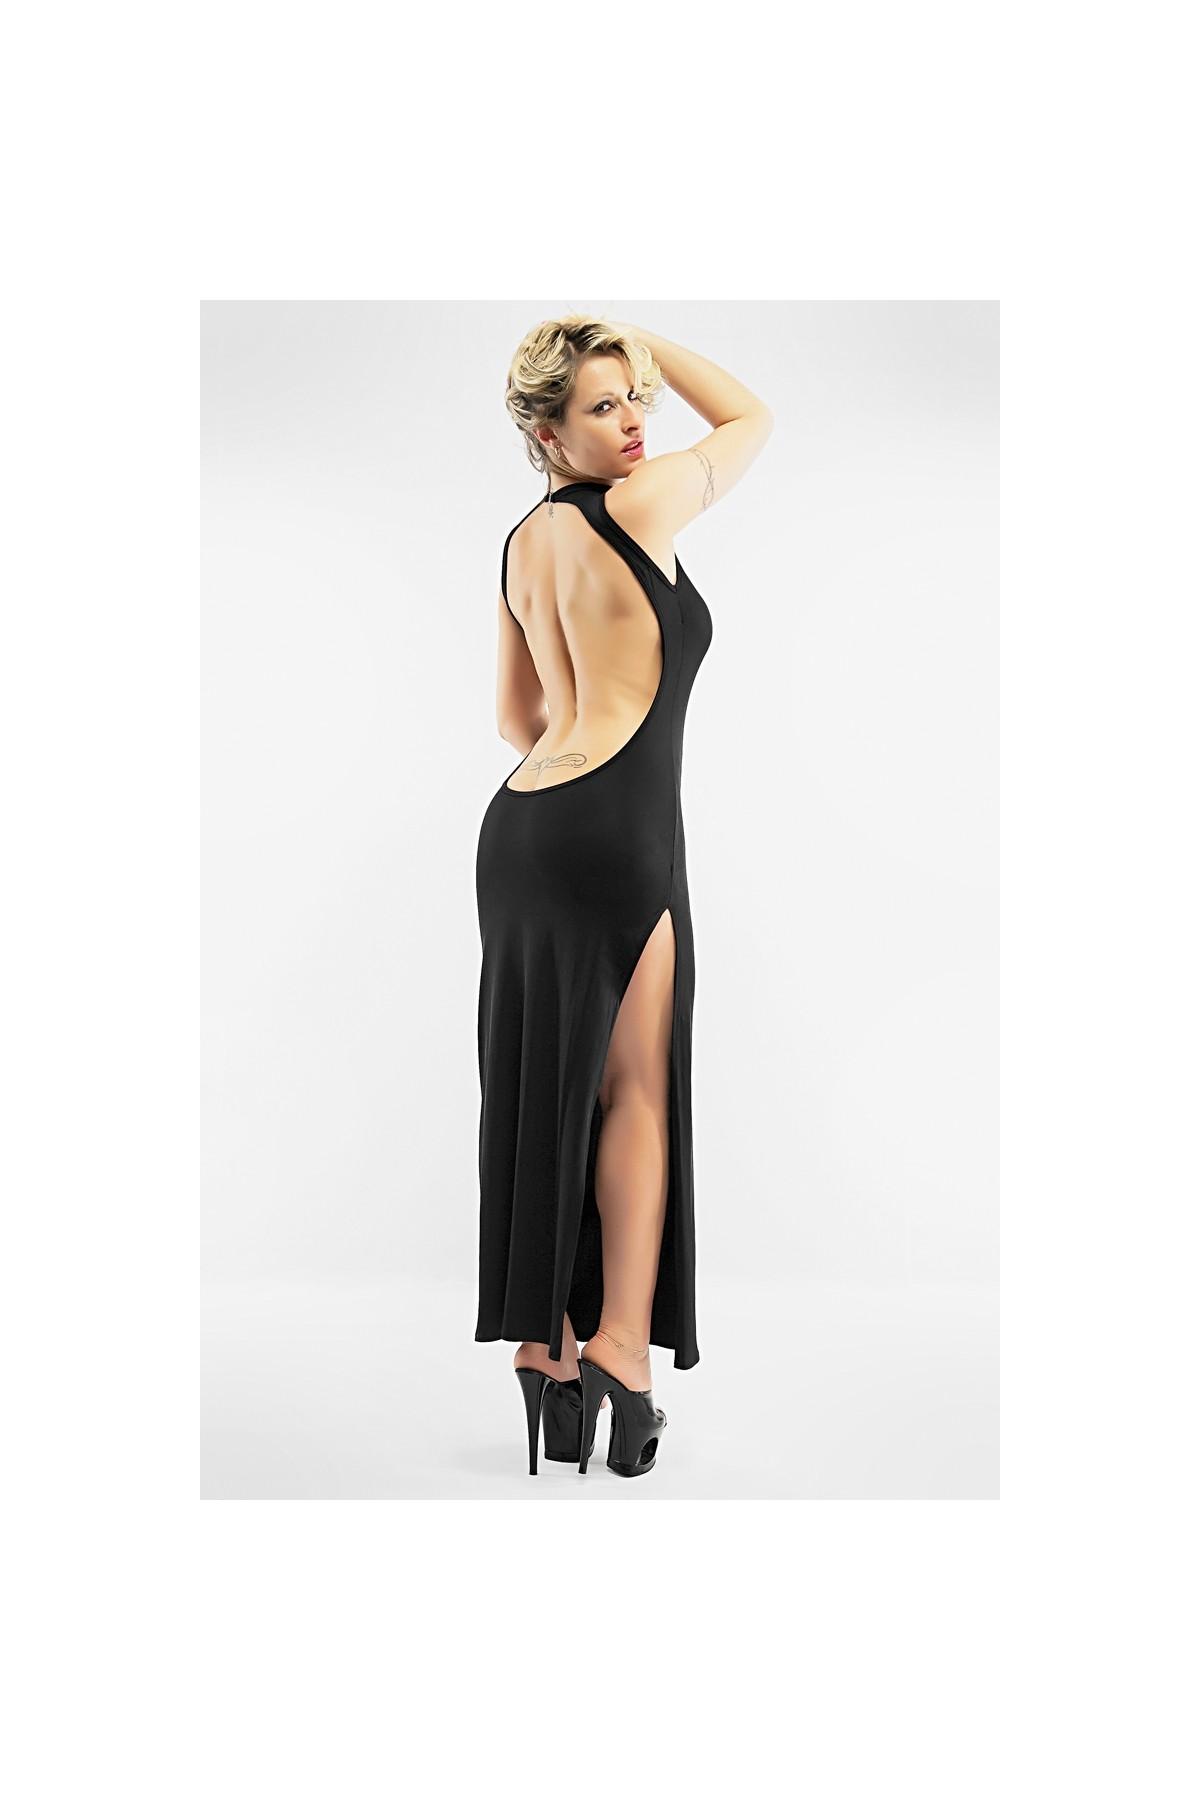 Robe Longue Sexy Christine A Grand Dos Nu Laissant Entrevoir Le Haut Des Fesses